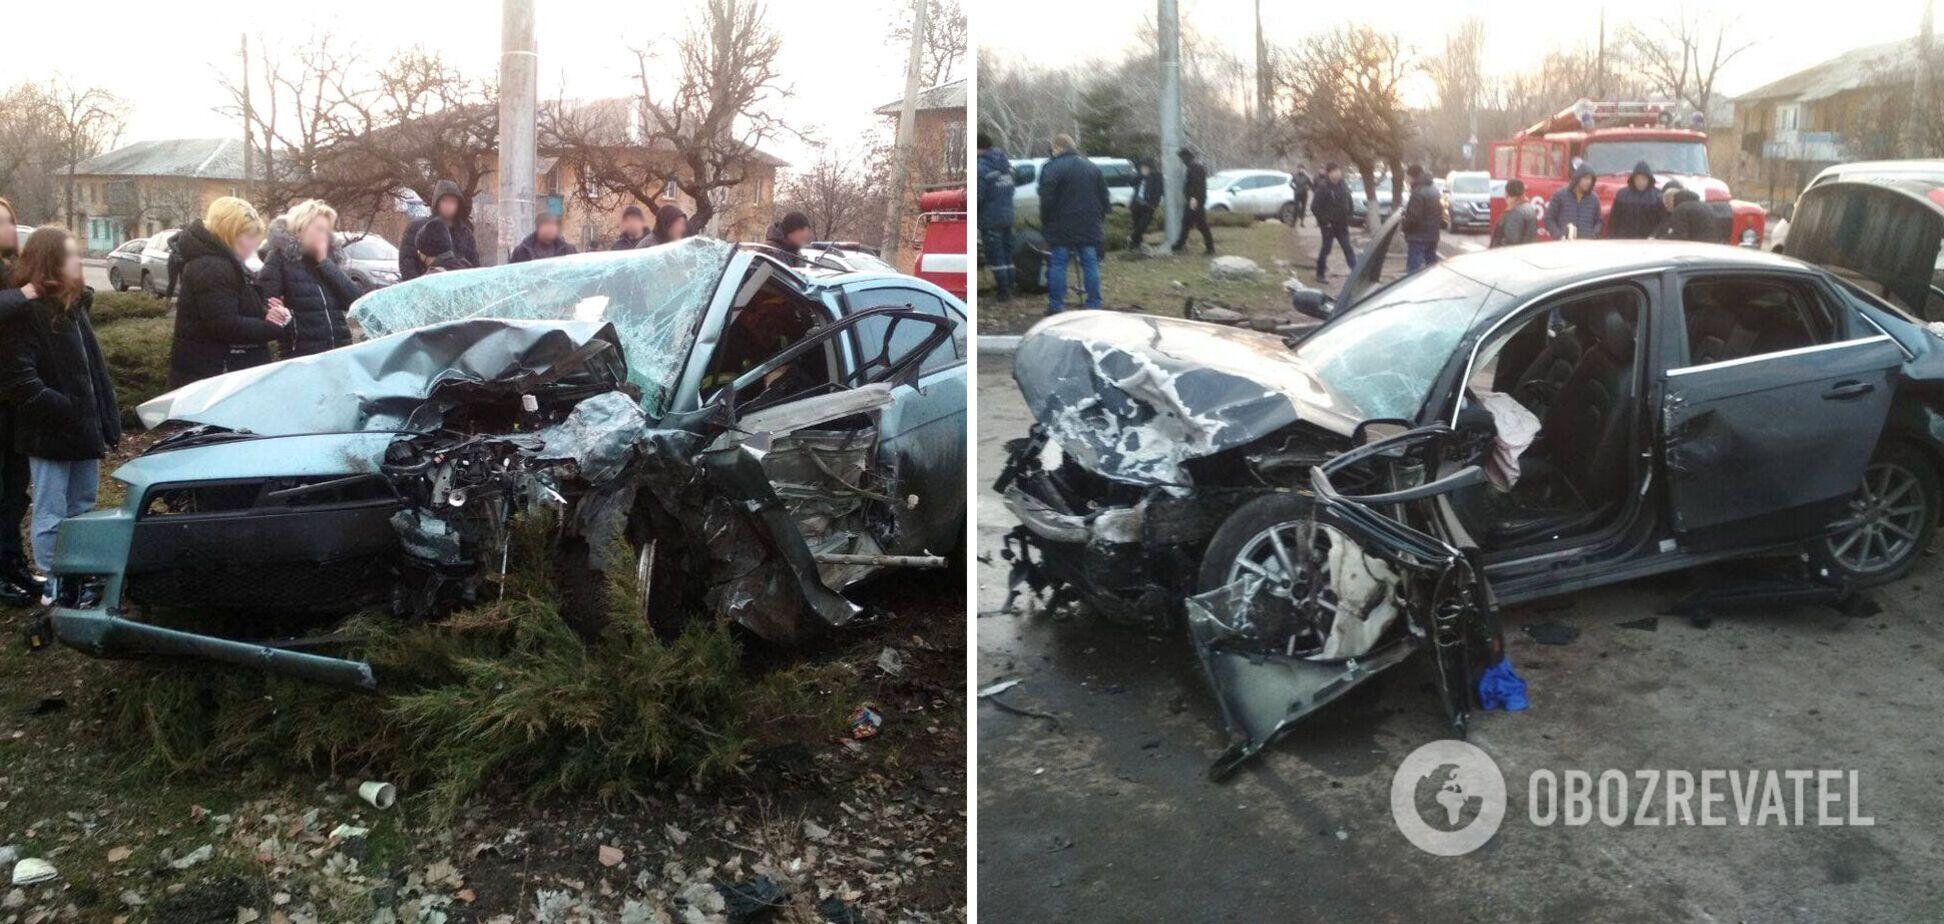 На Донеччині в серйозній ДТП загинули двоє осіб, ще троє постраждали. Фото